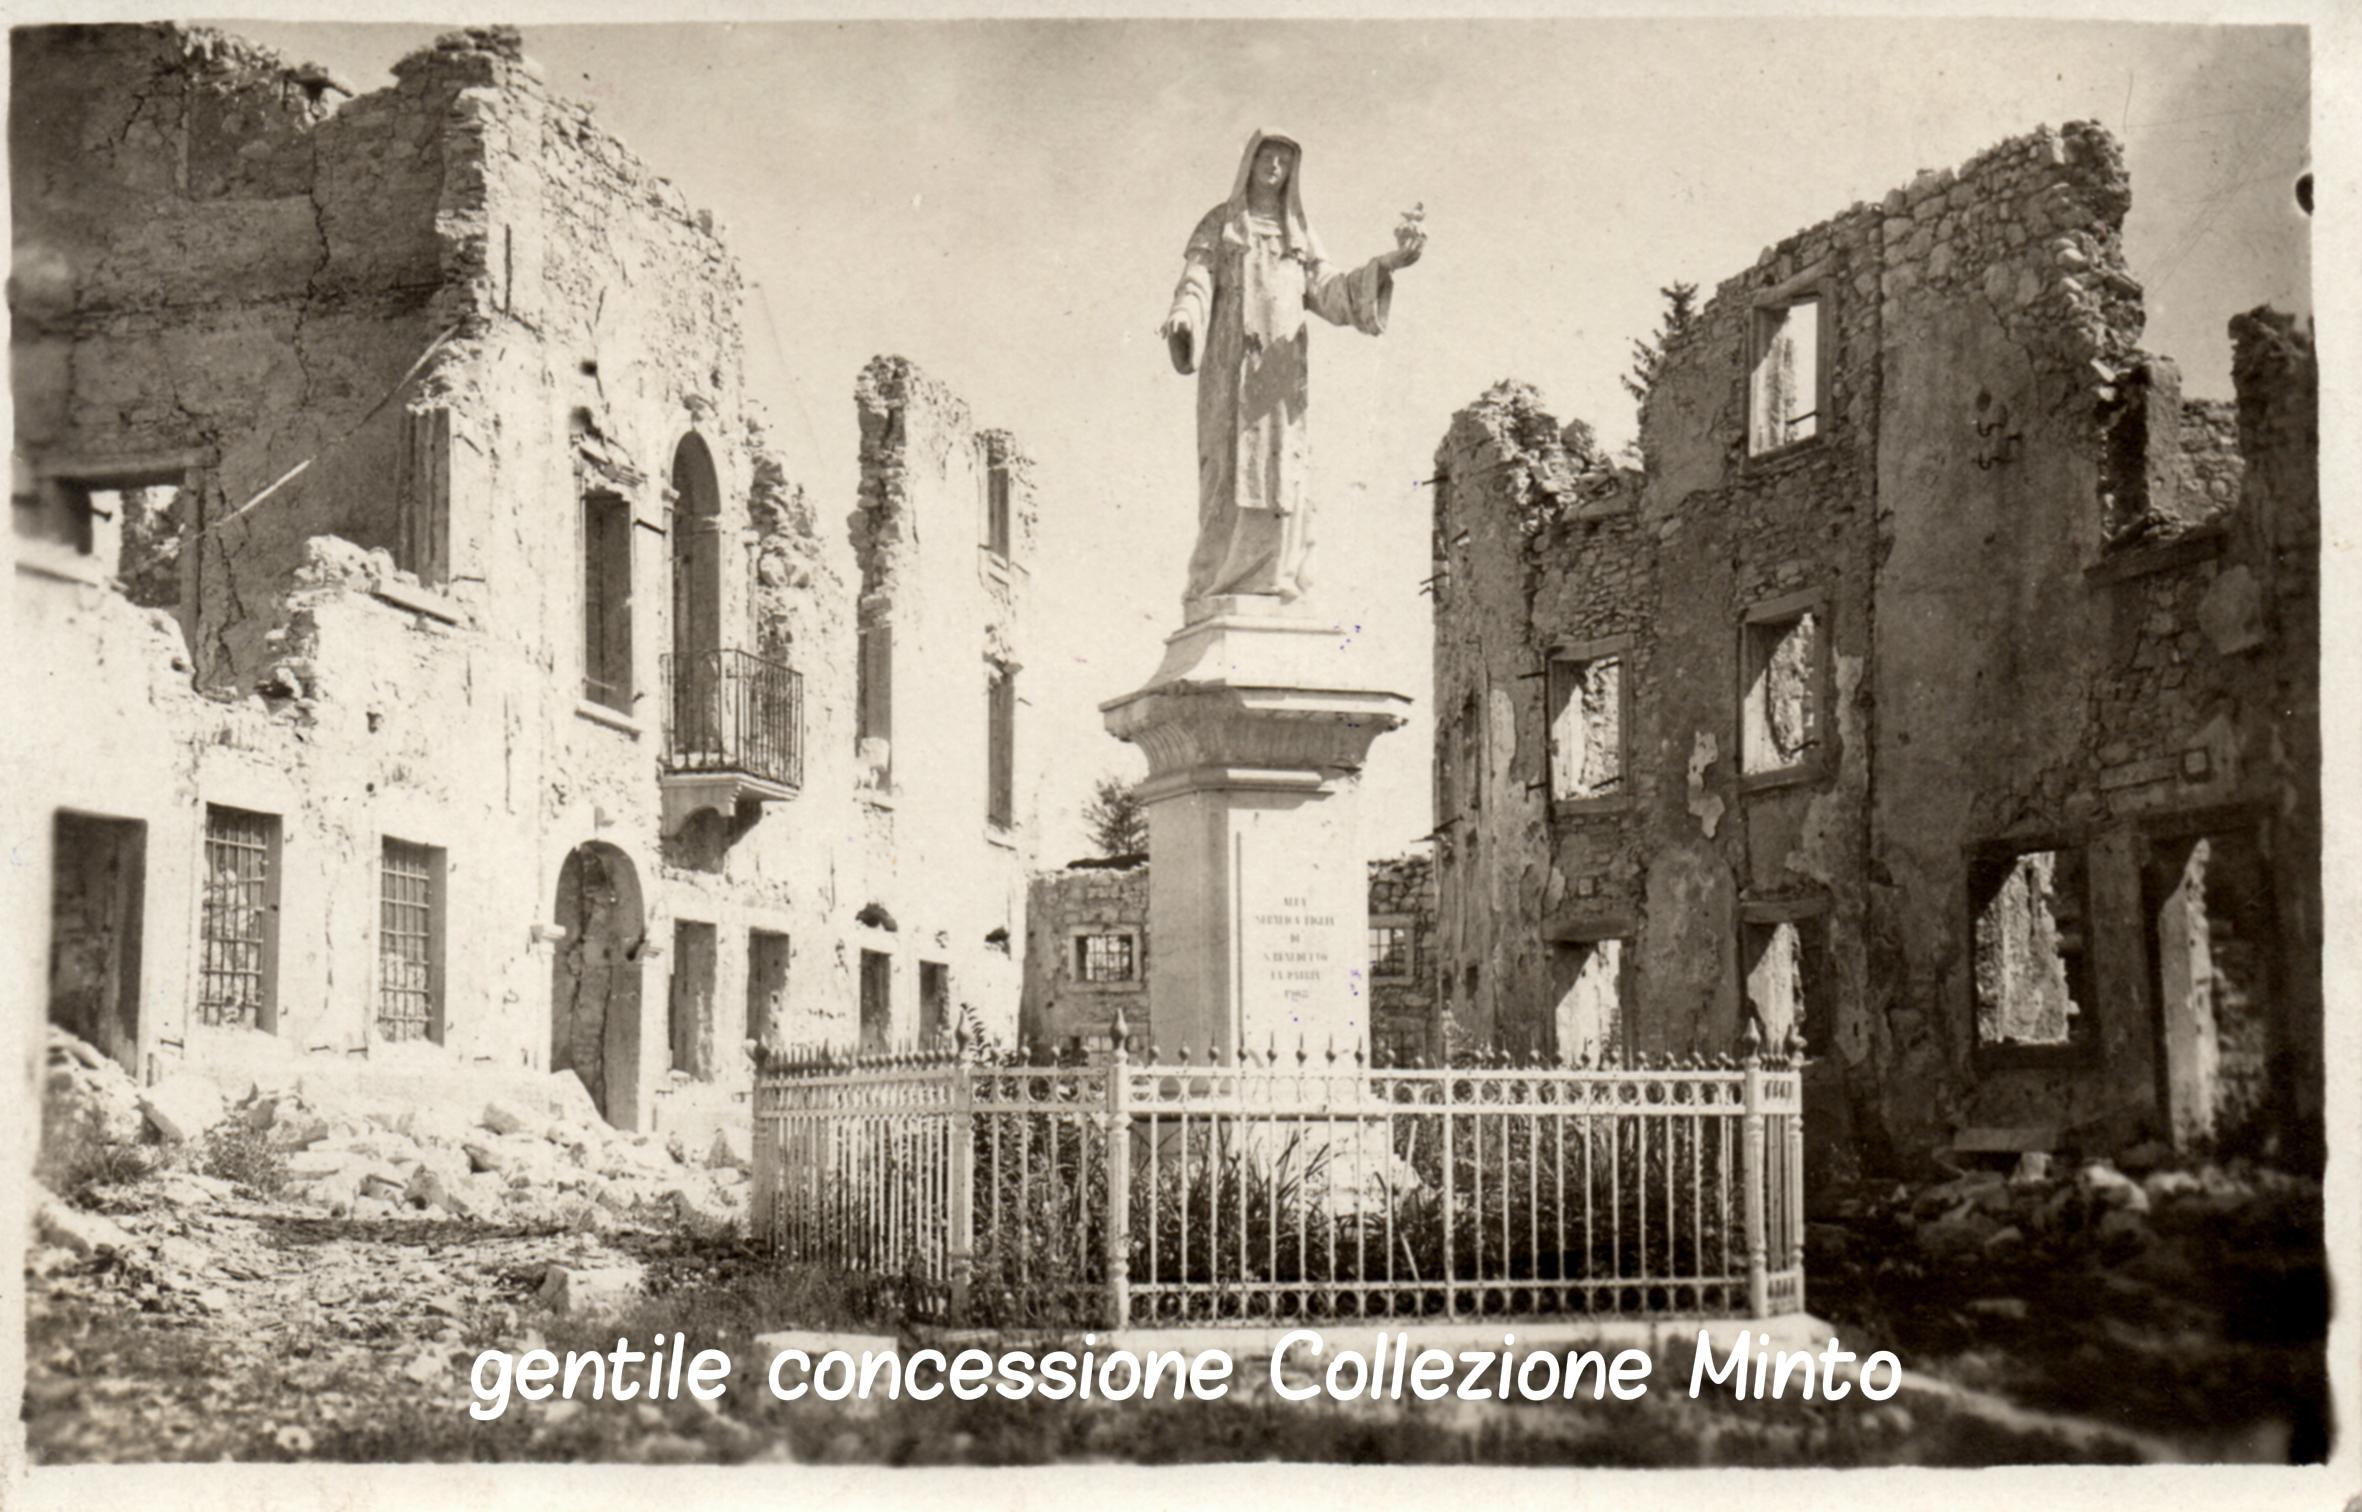 03 - la beata Maria Bonomo unico manufatto salvatosi di Asiago (ASDM- coll minto) (c).jpg